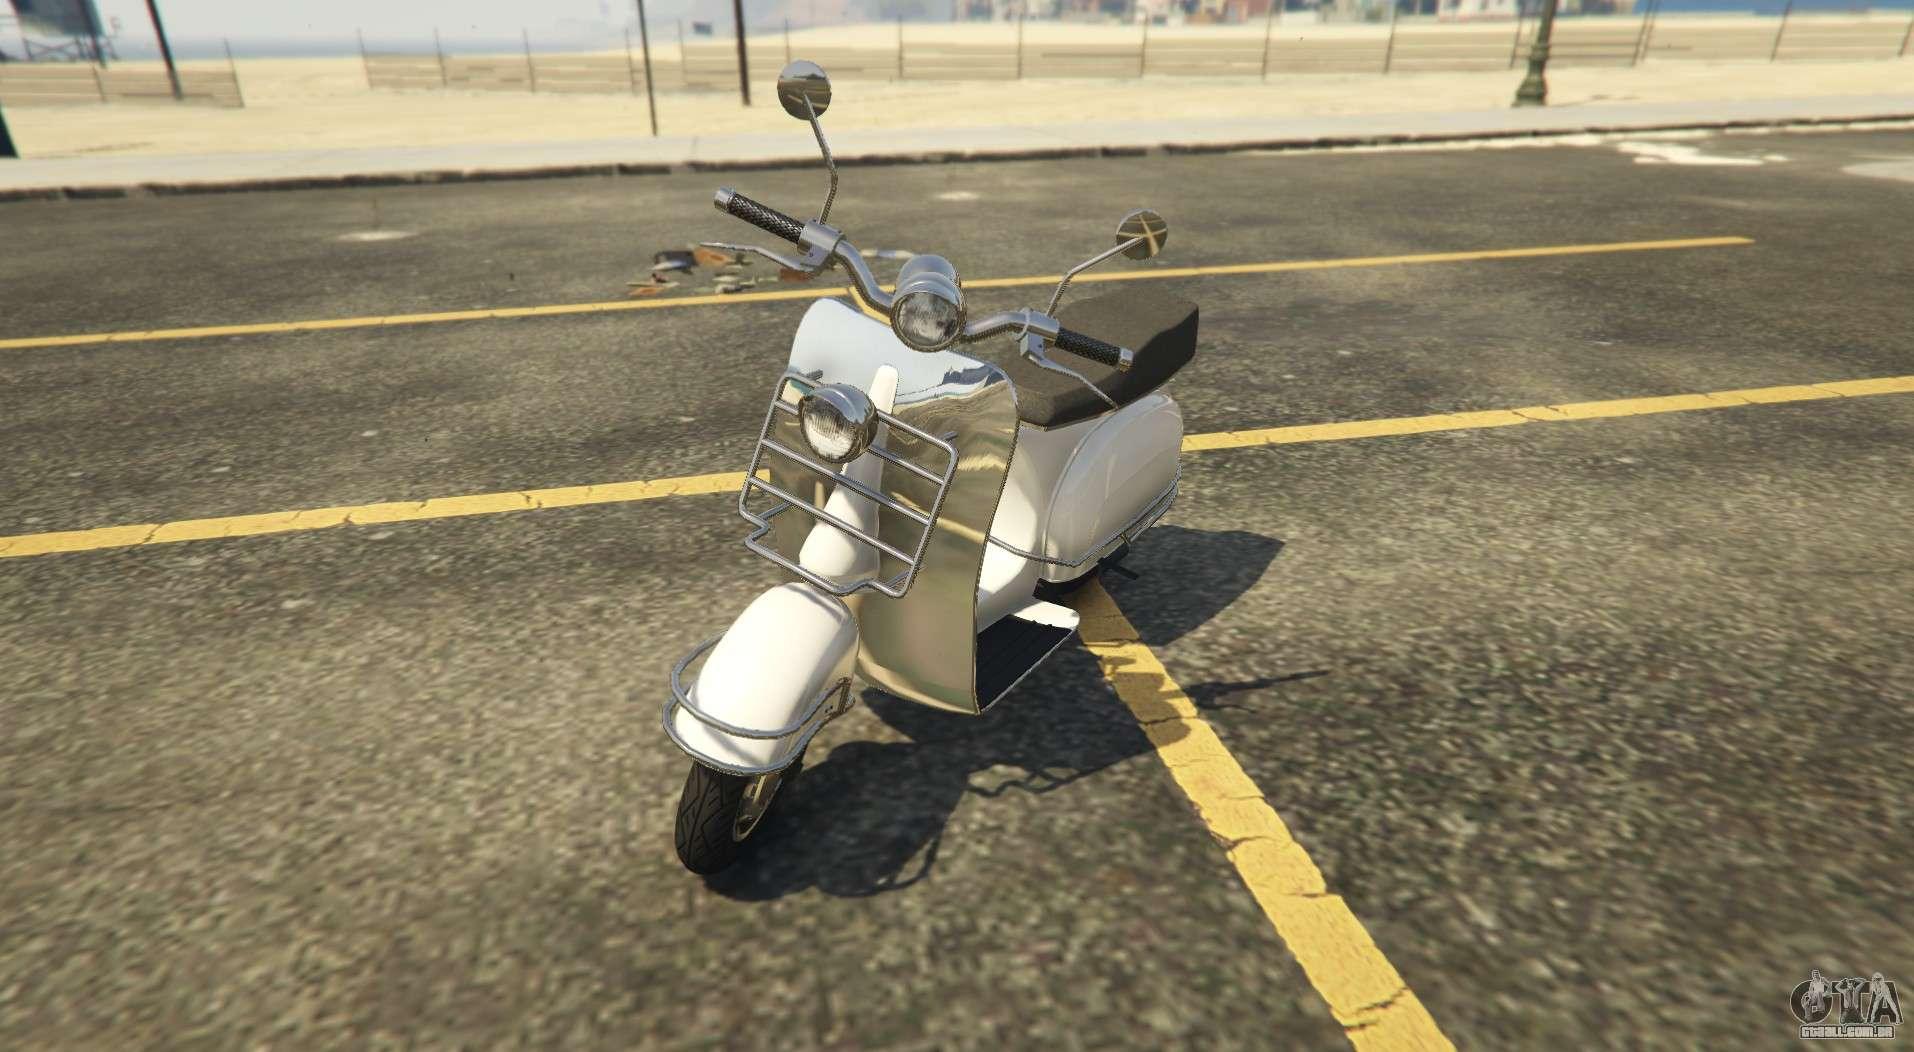 Urbain scooter Pegassi Faggio Mod de GTA Online